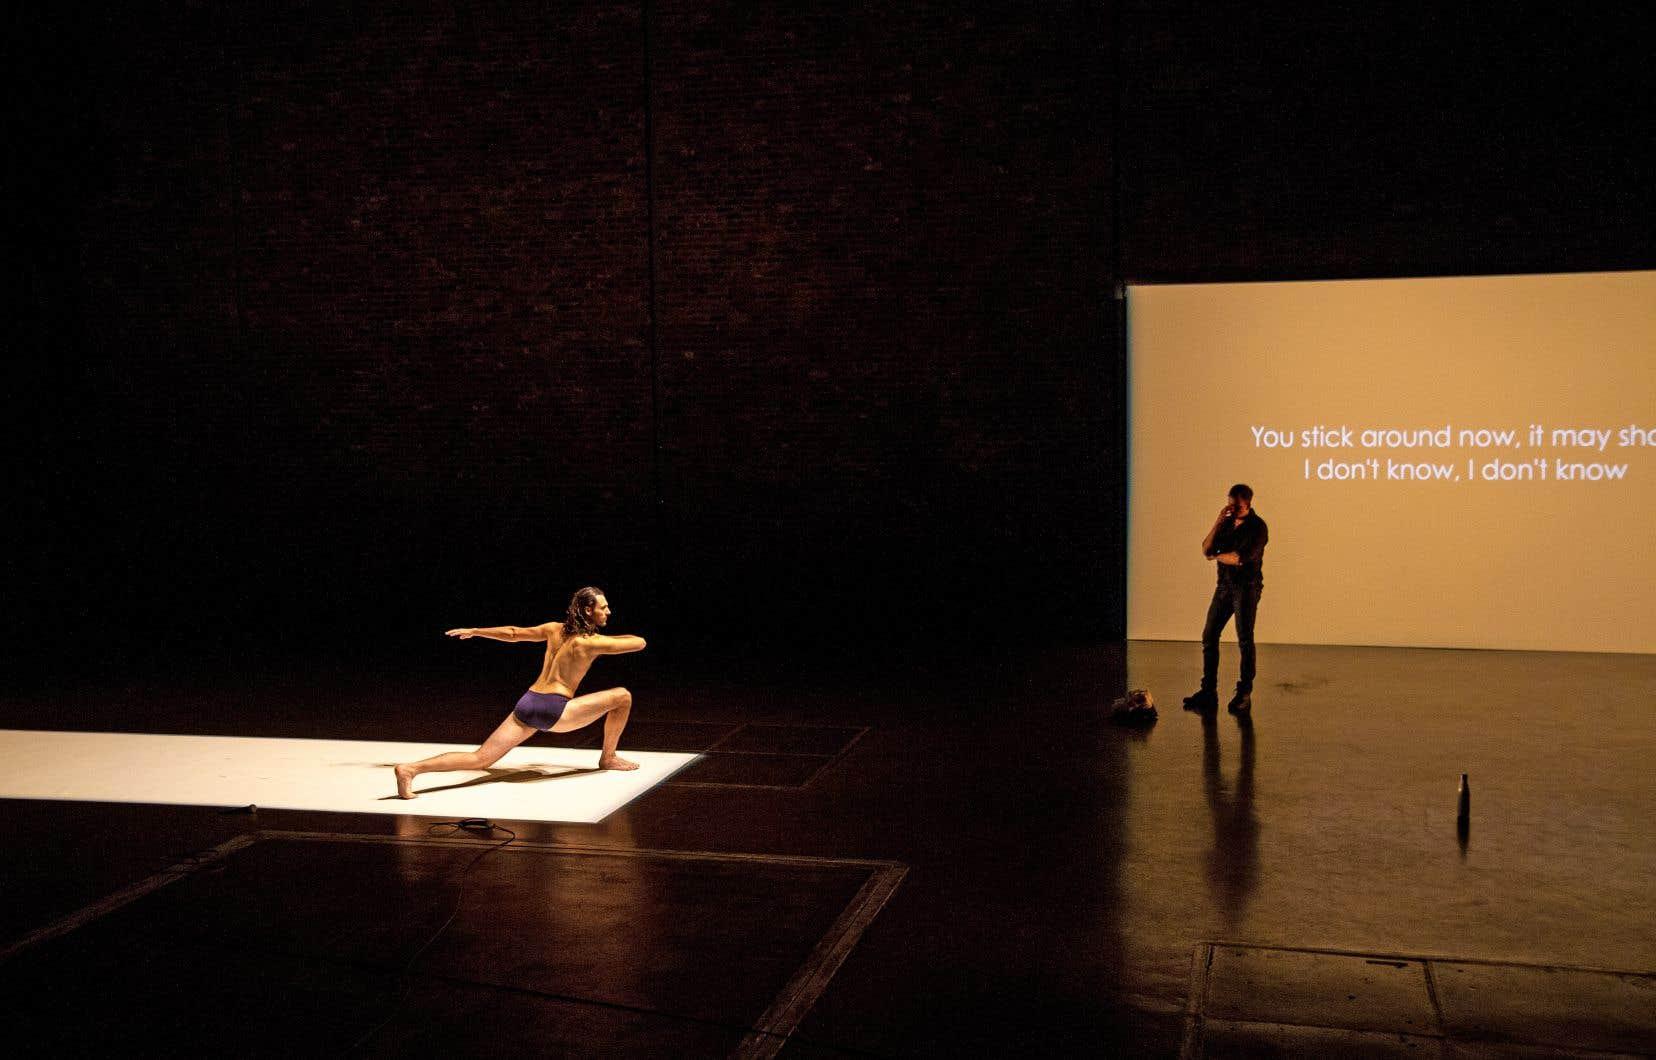 Faisant figure d'amants regrettés, d'alter ego, ou encore de cet autre qui nous révèle souvent à nous-mêmes, les danseurs hantent la rêverie de l'unique personnage interprété par Éric Bernier.